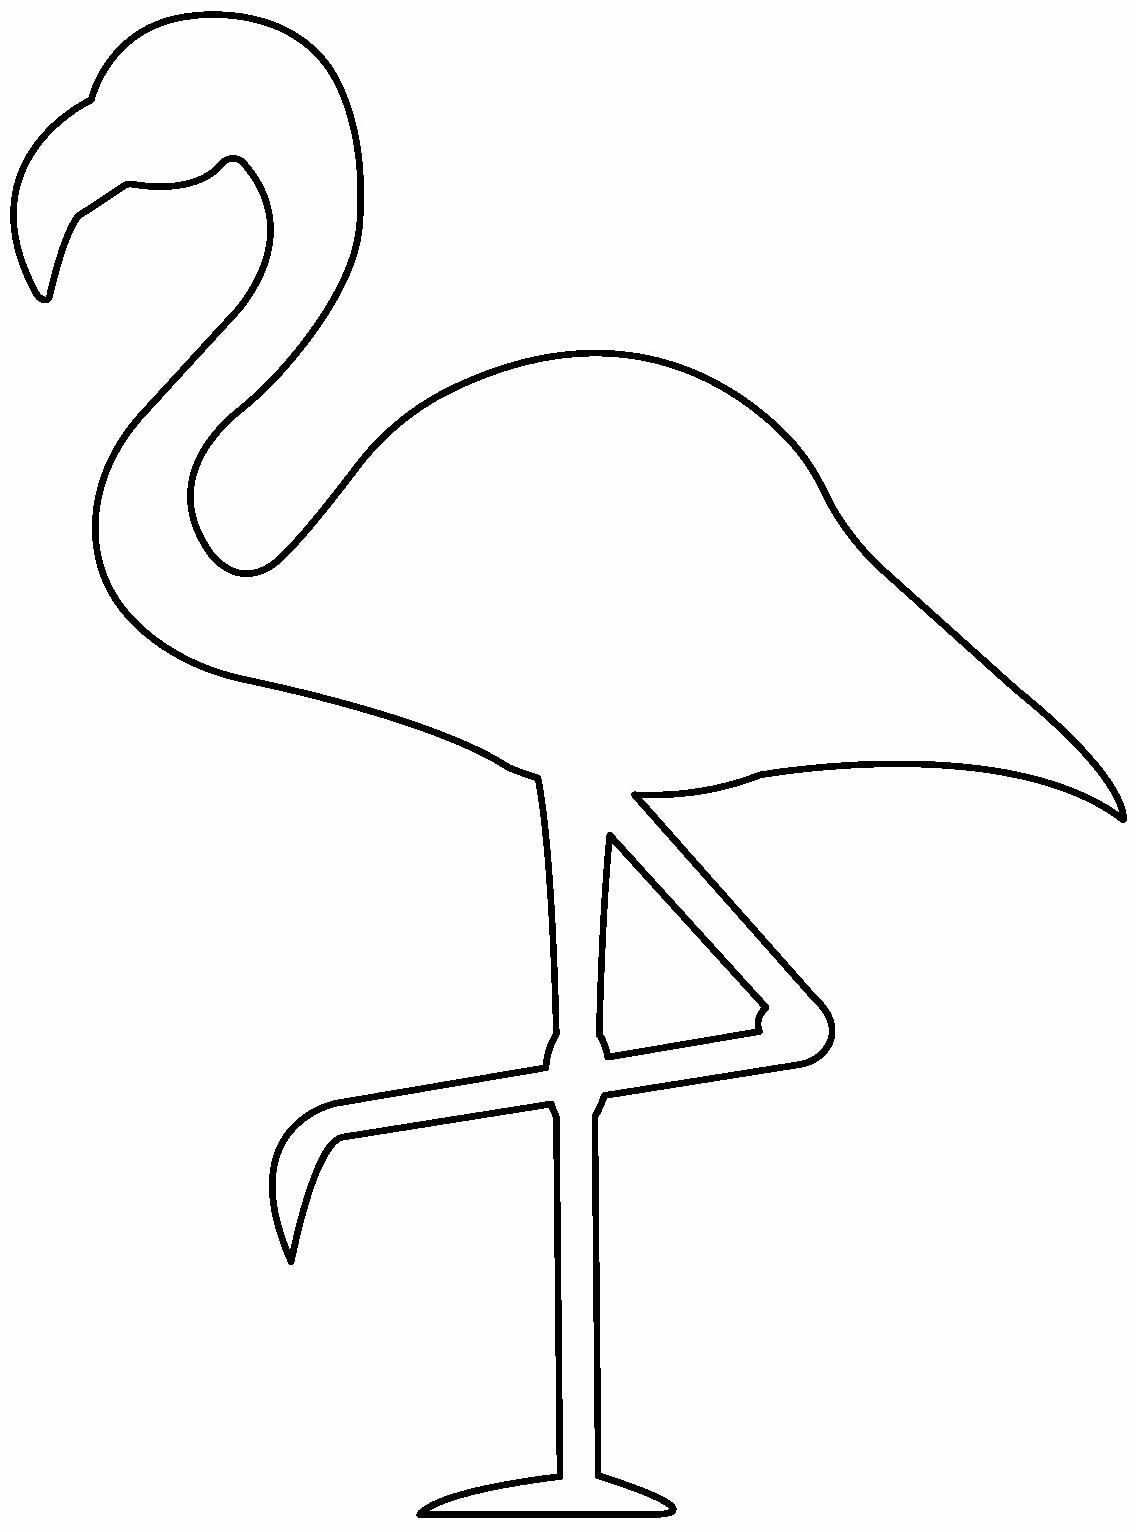 Molde para fazer enfeite de flamingo